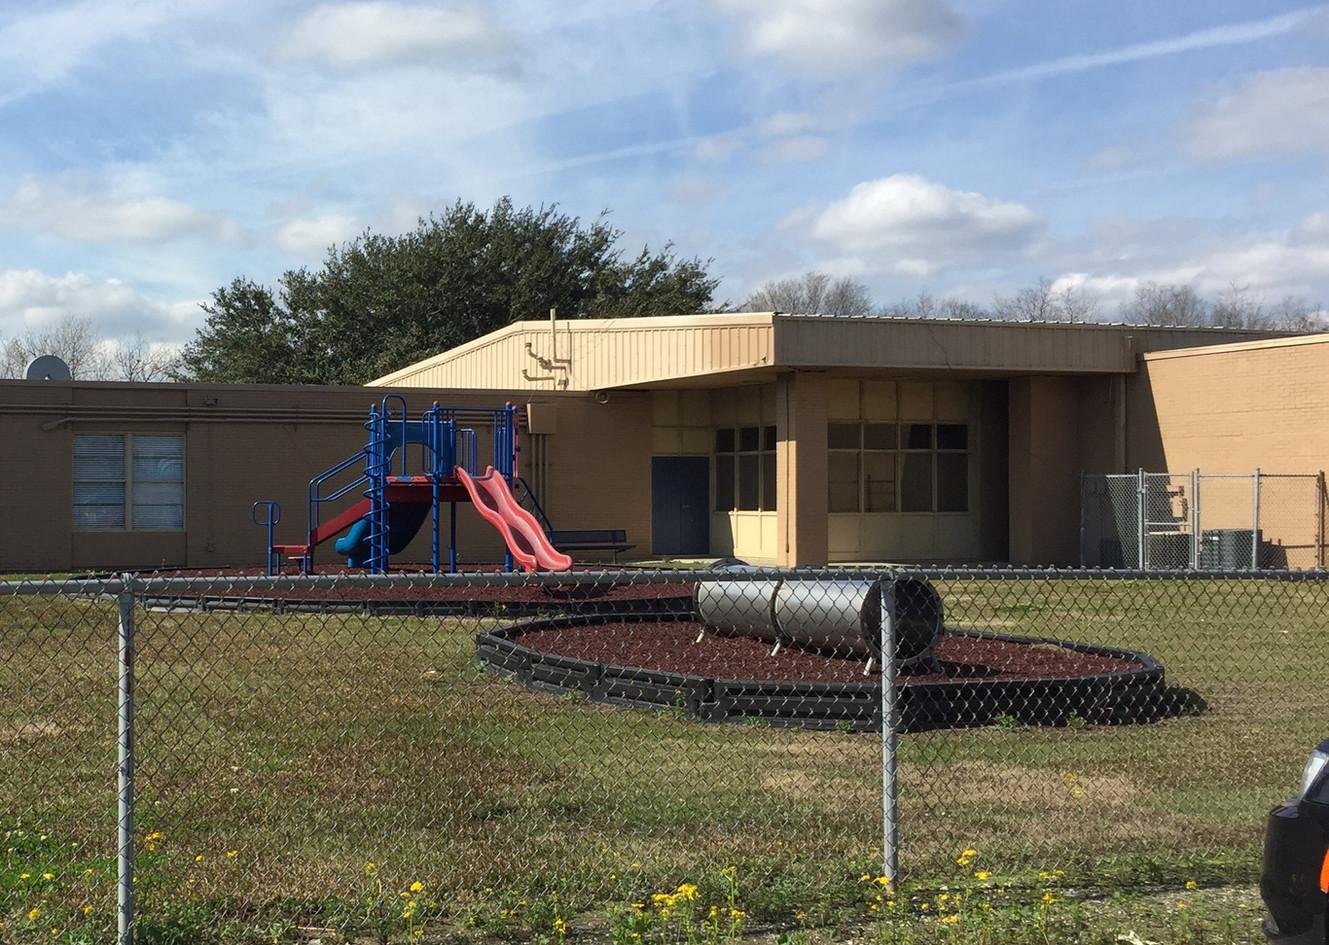 Fifth Ward Elementary School in St. James, Louisiana.